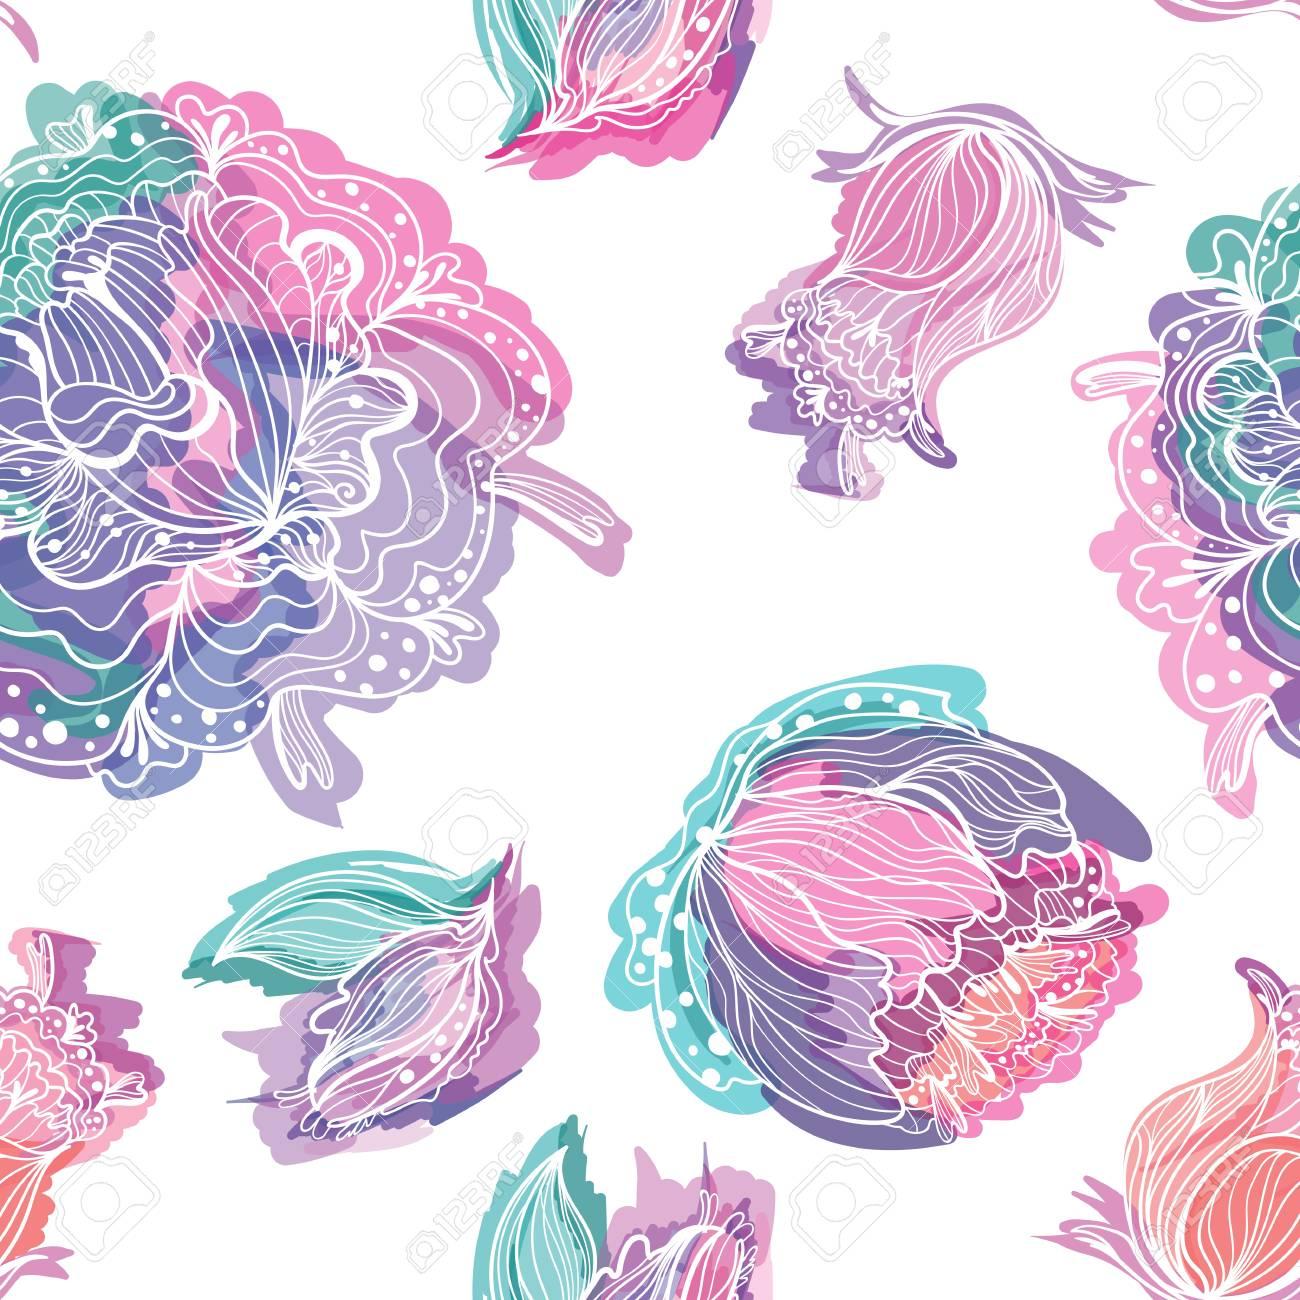 Romantische Pastell Nahtlose Hintergrund Mit Doodle Sketch Blumen